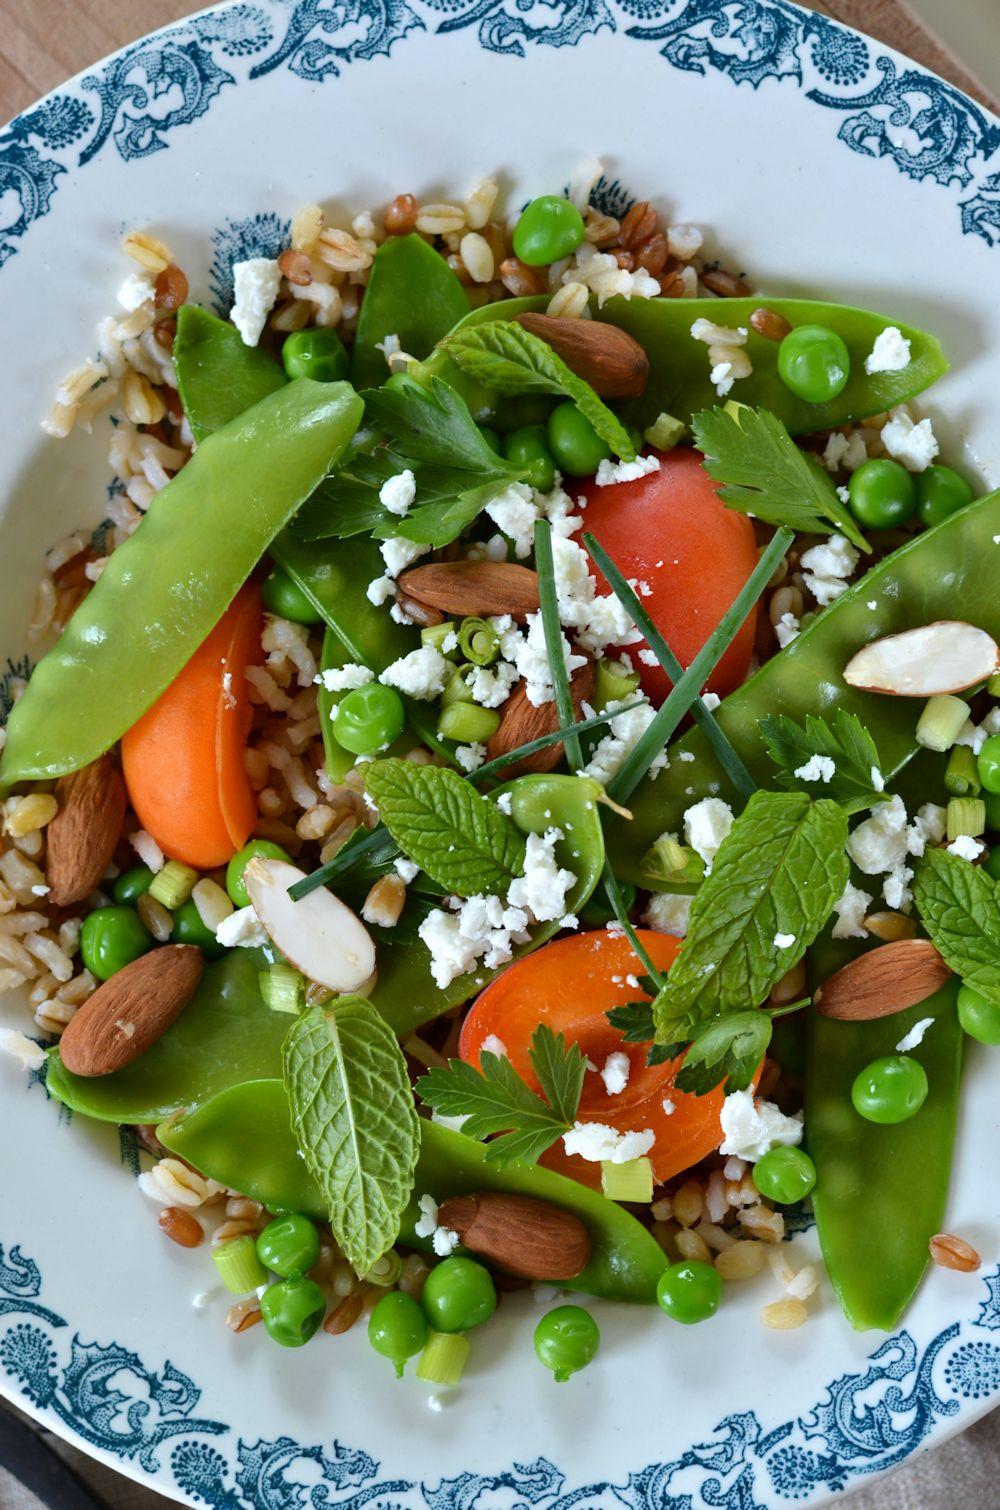 Salade de pois mange-tout, abricot et céréales